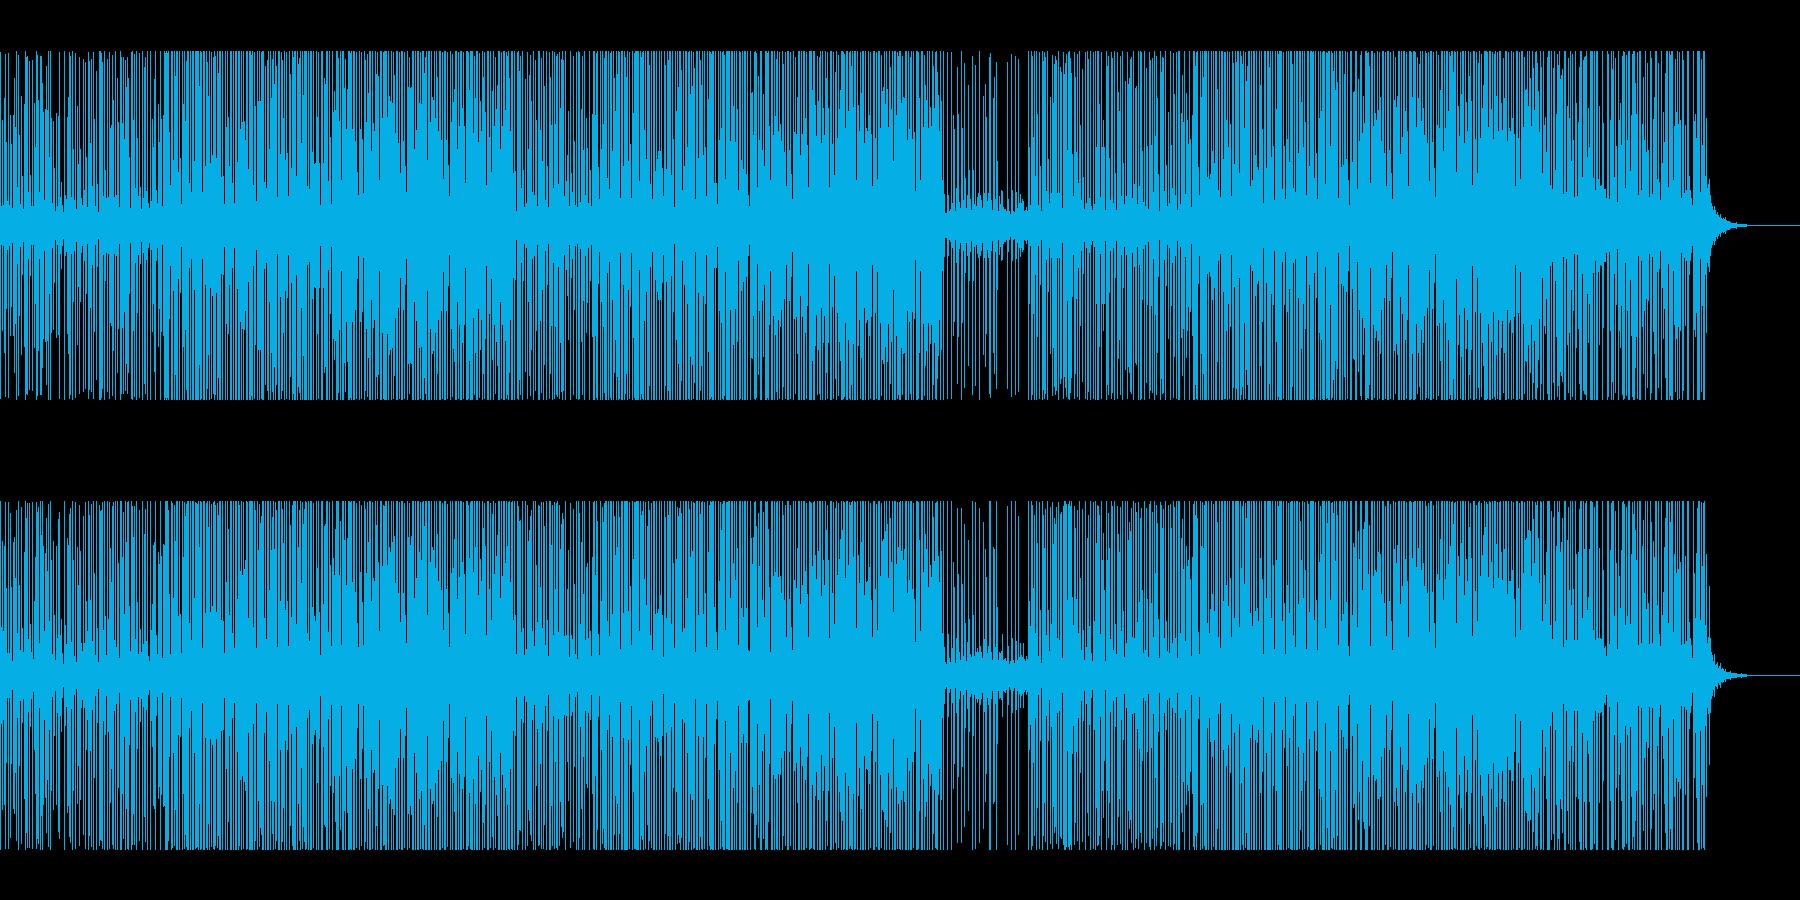 ノリやすいクラブ系ハウスミュージックの再生済みの波形